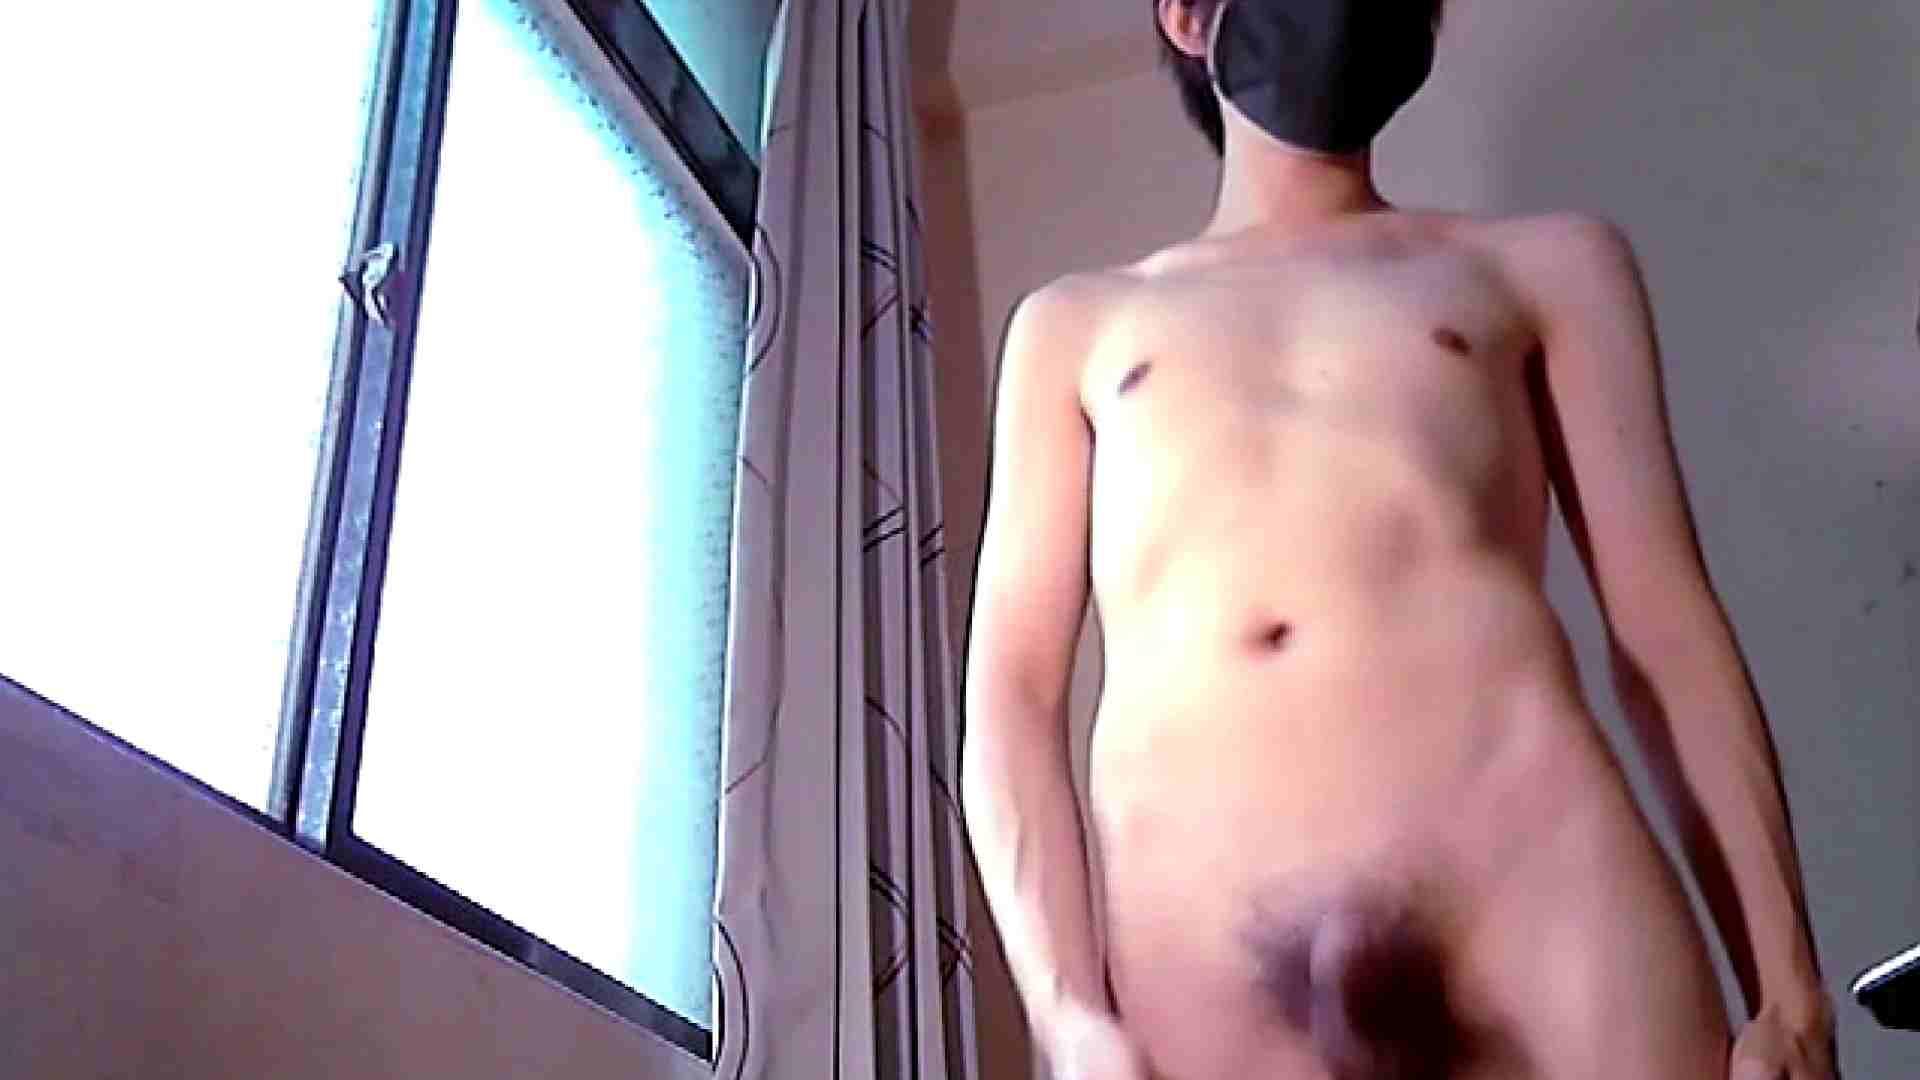 ぎゃんかわ男子のはれんちオナニー  vol.05 男まつり ゲイエロビデオ画像 115枚 6